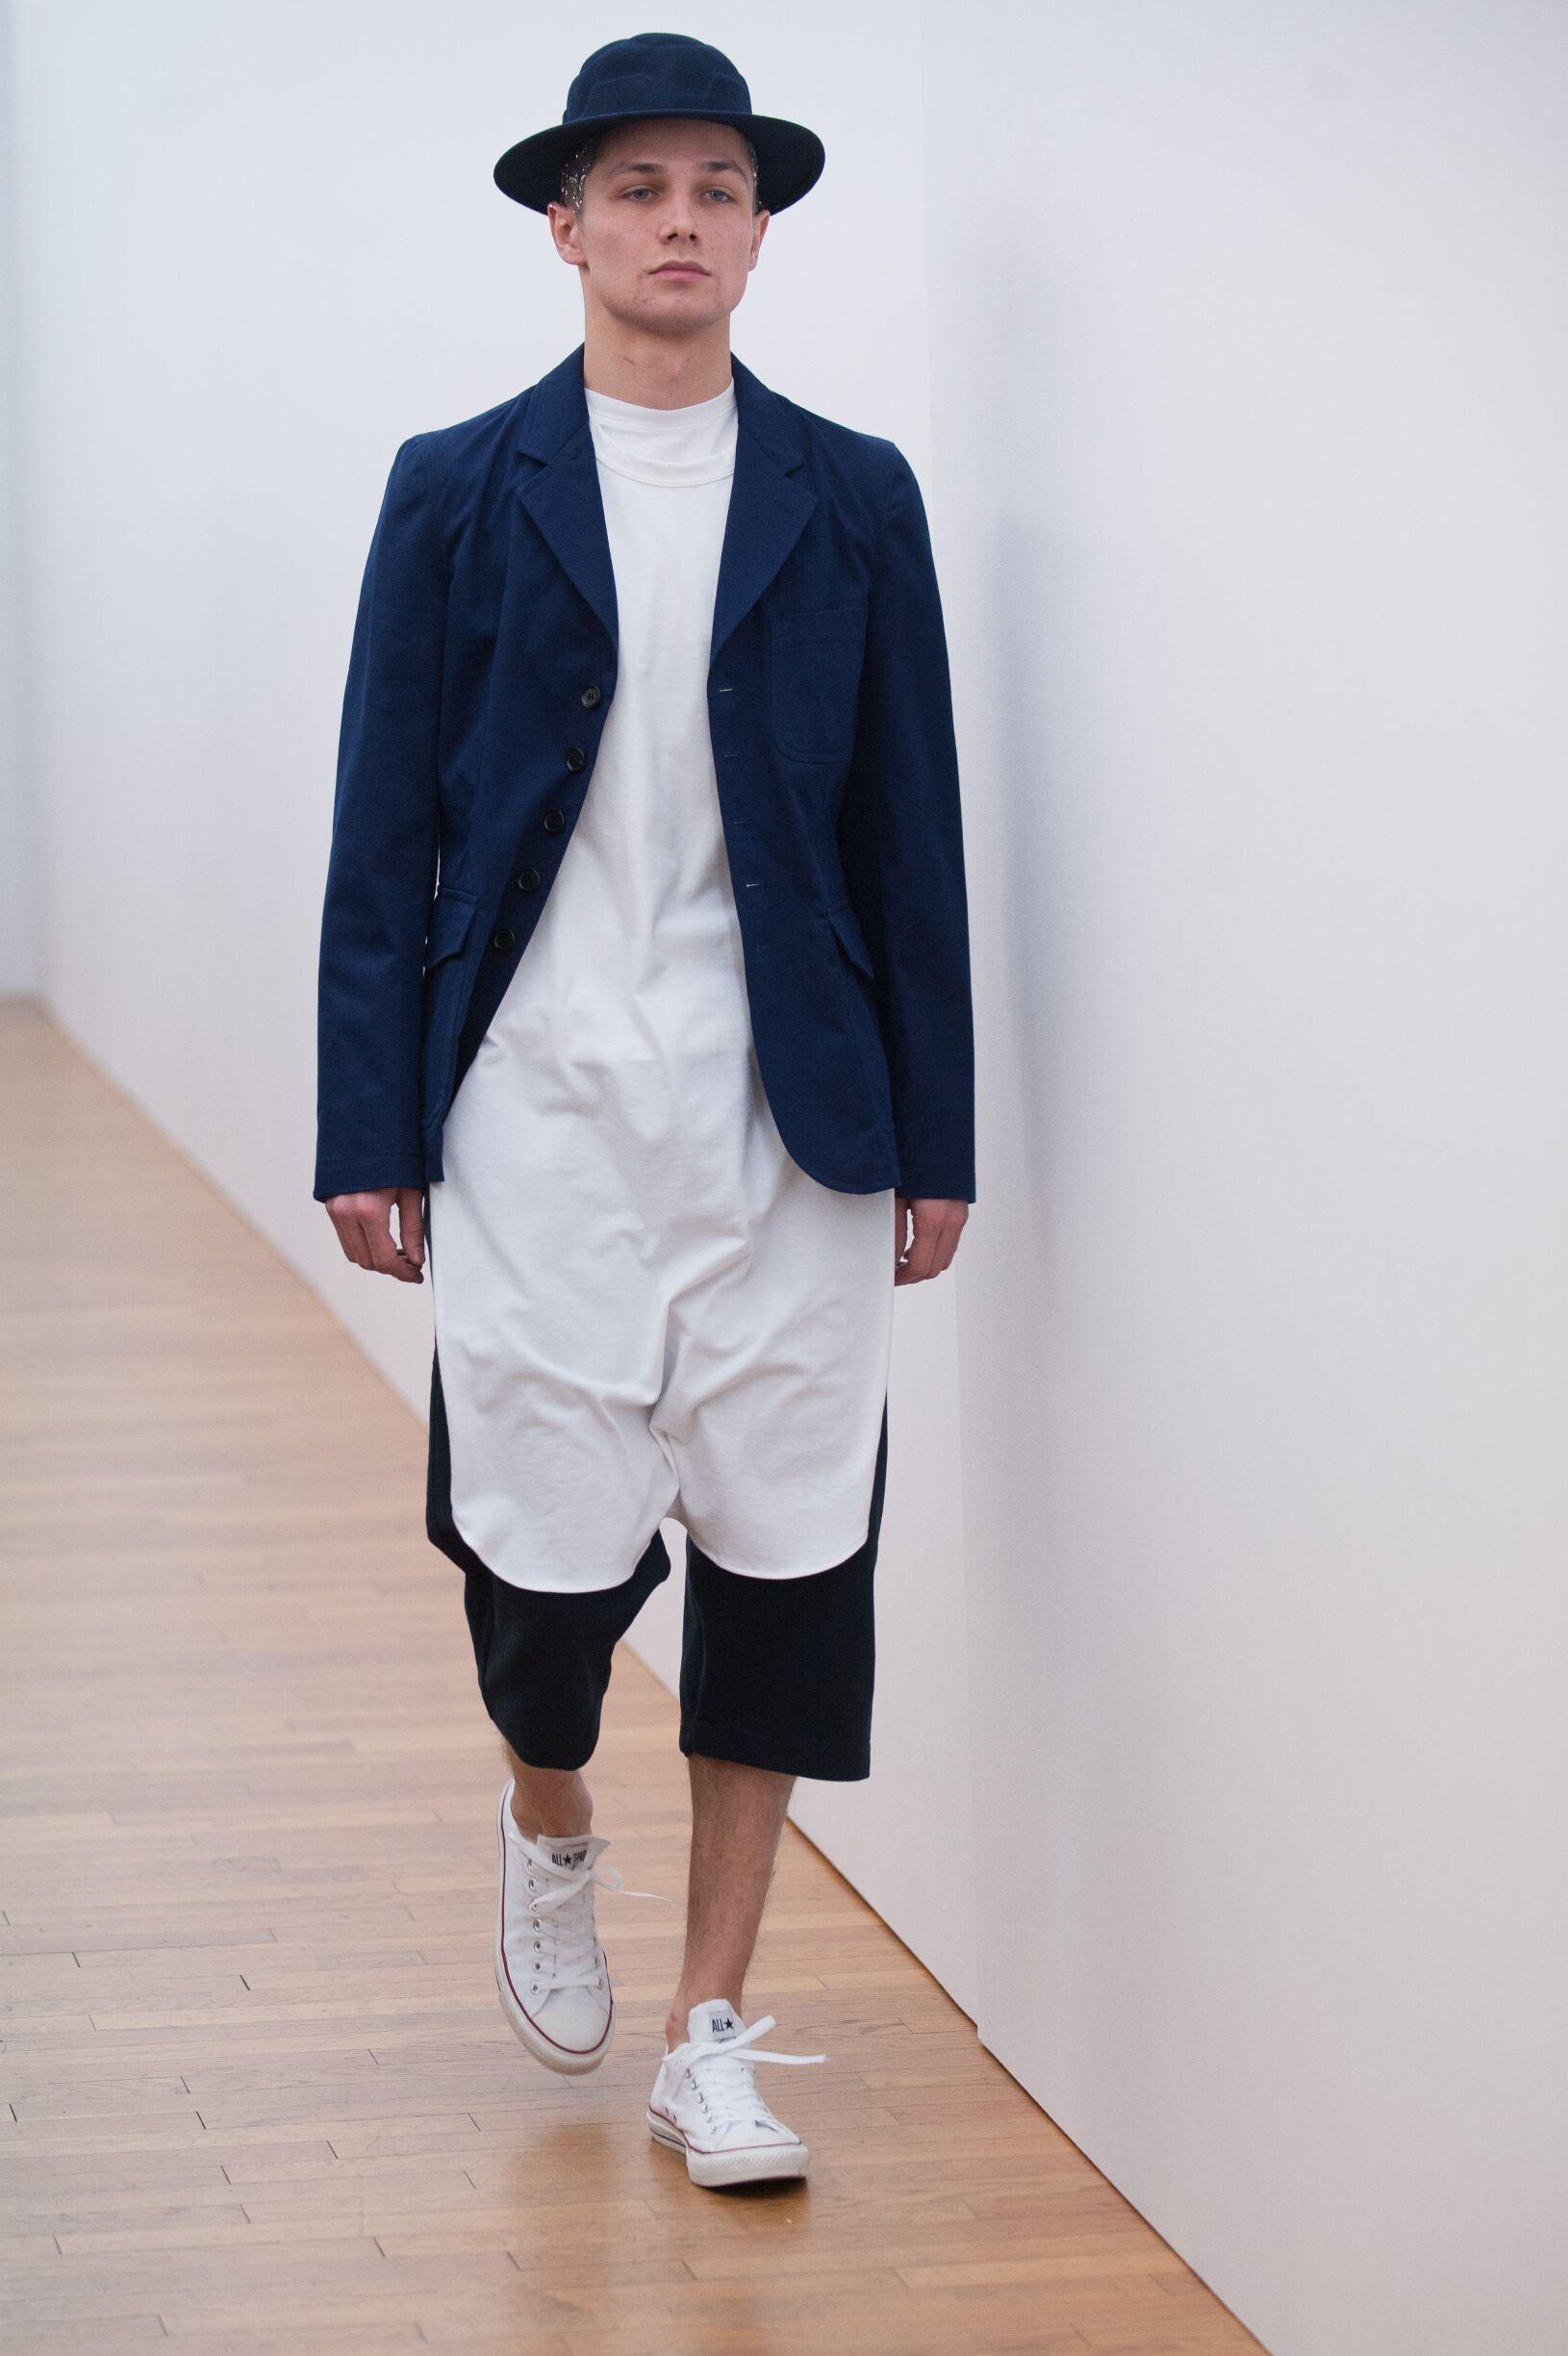 Comme Des Garçons Shirt FW 2017 Menswear